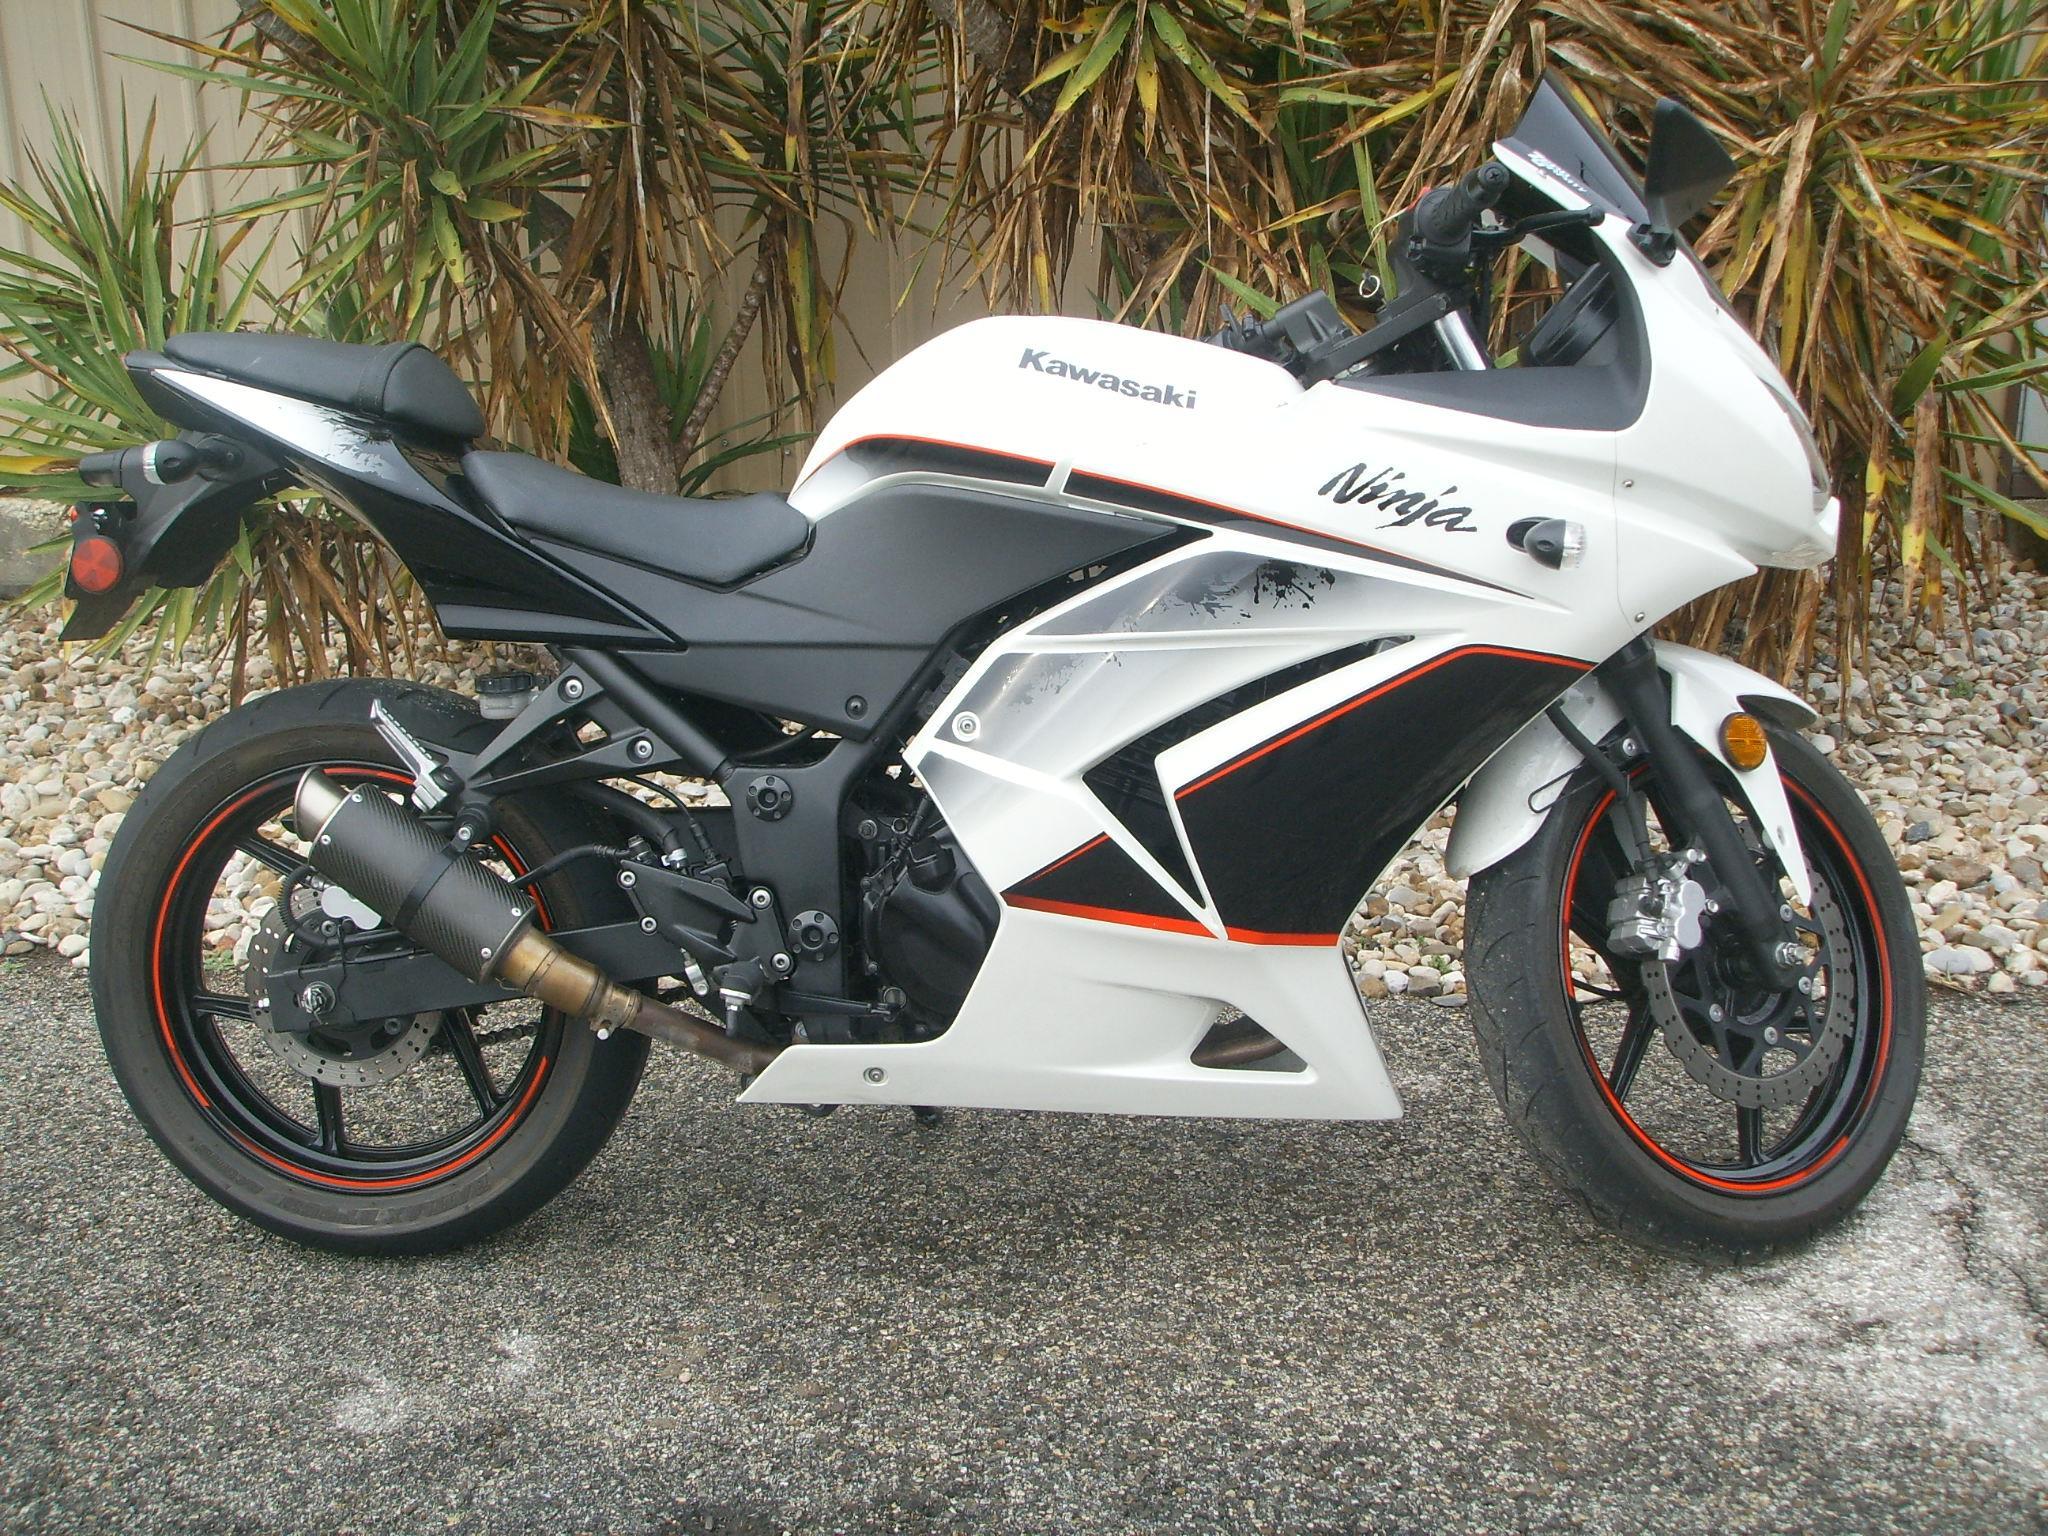 Team scream motorcycles sales